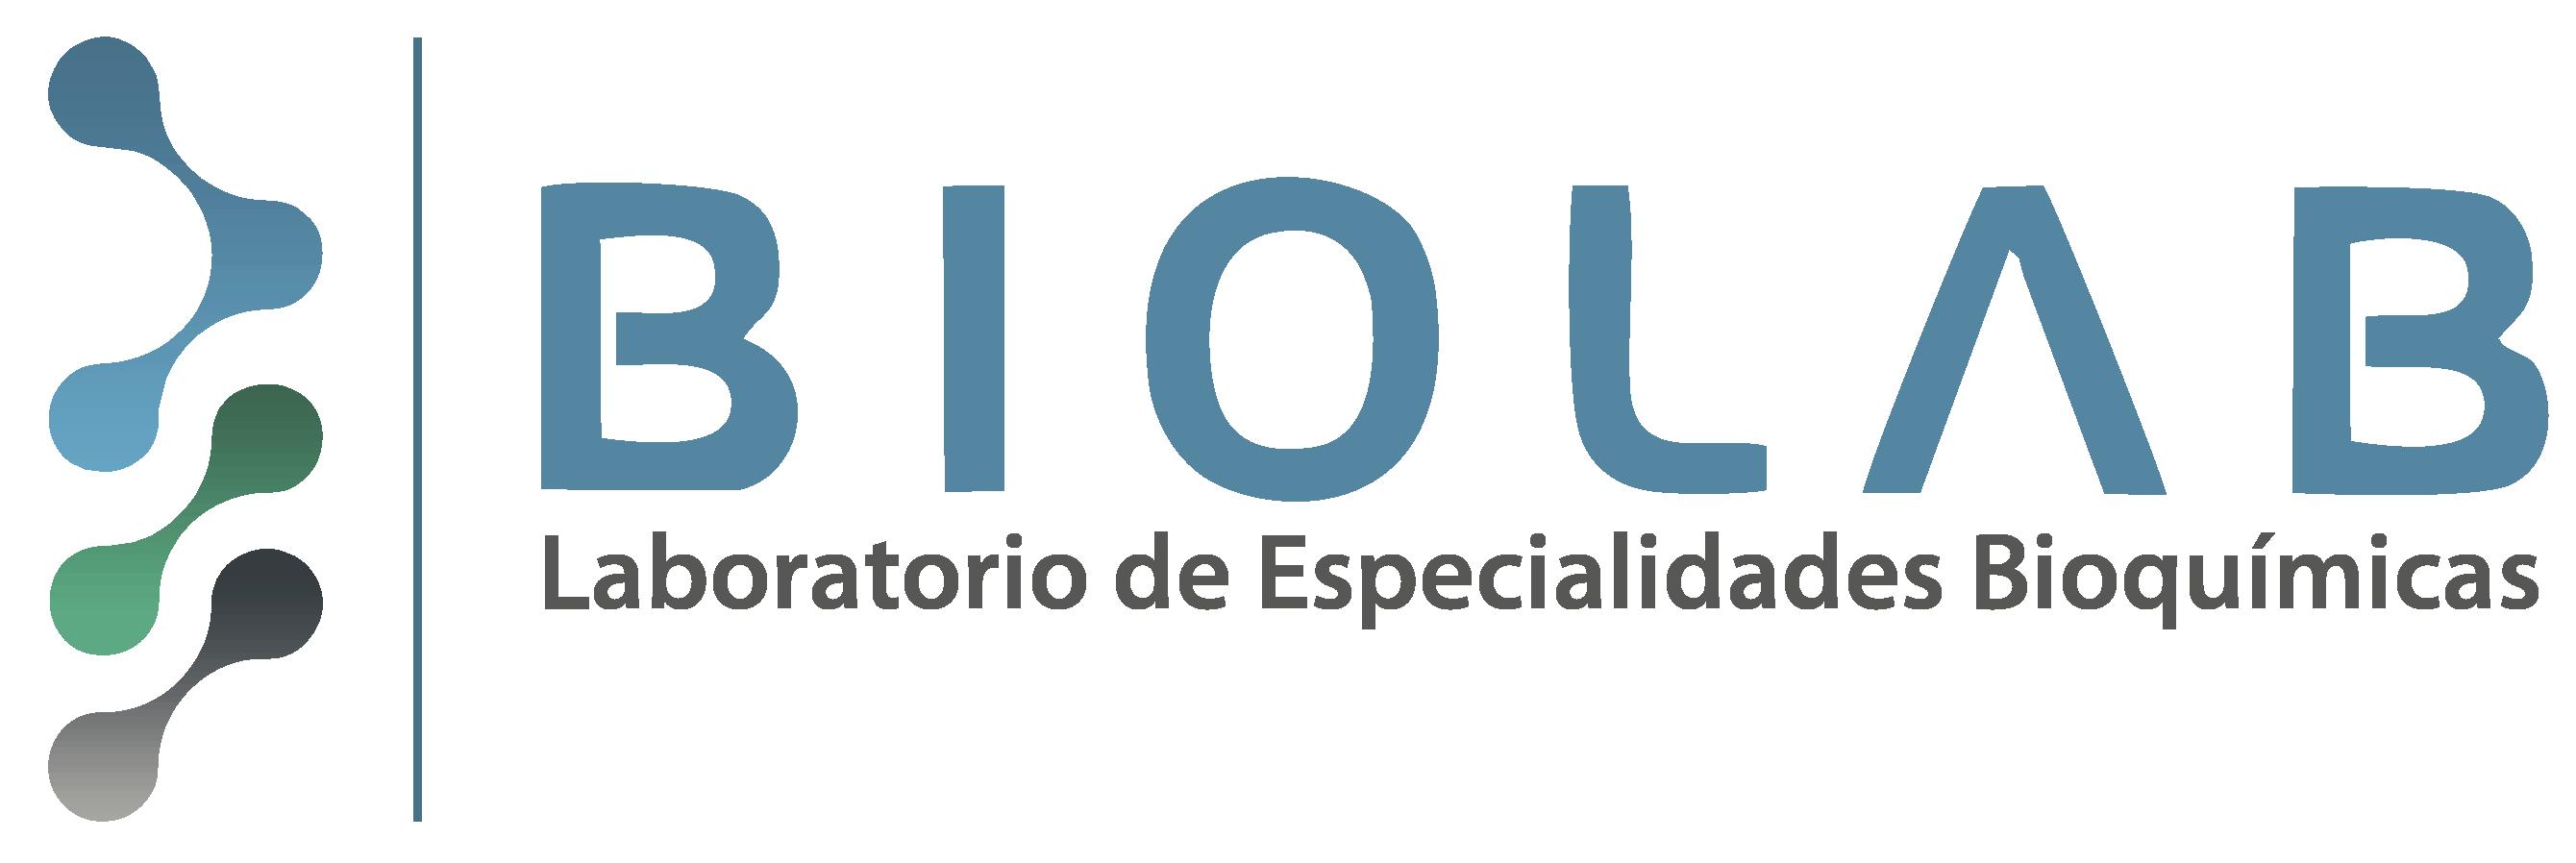 logo biolab-01